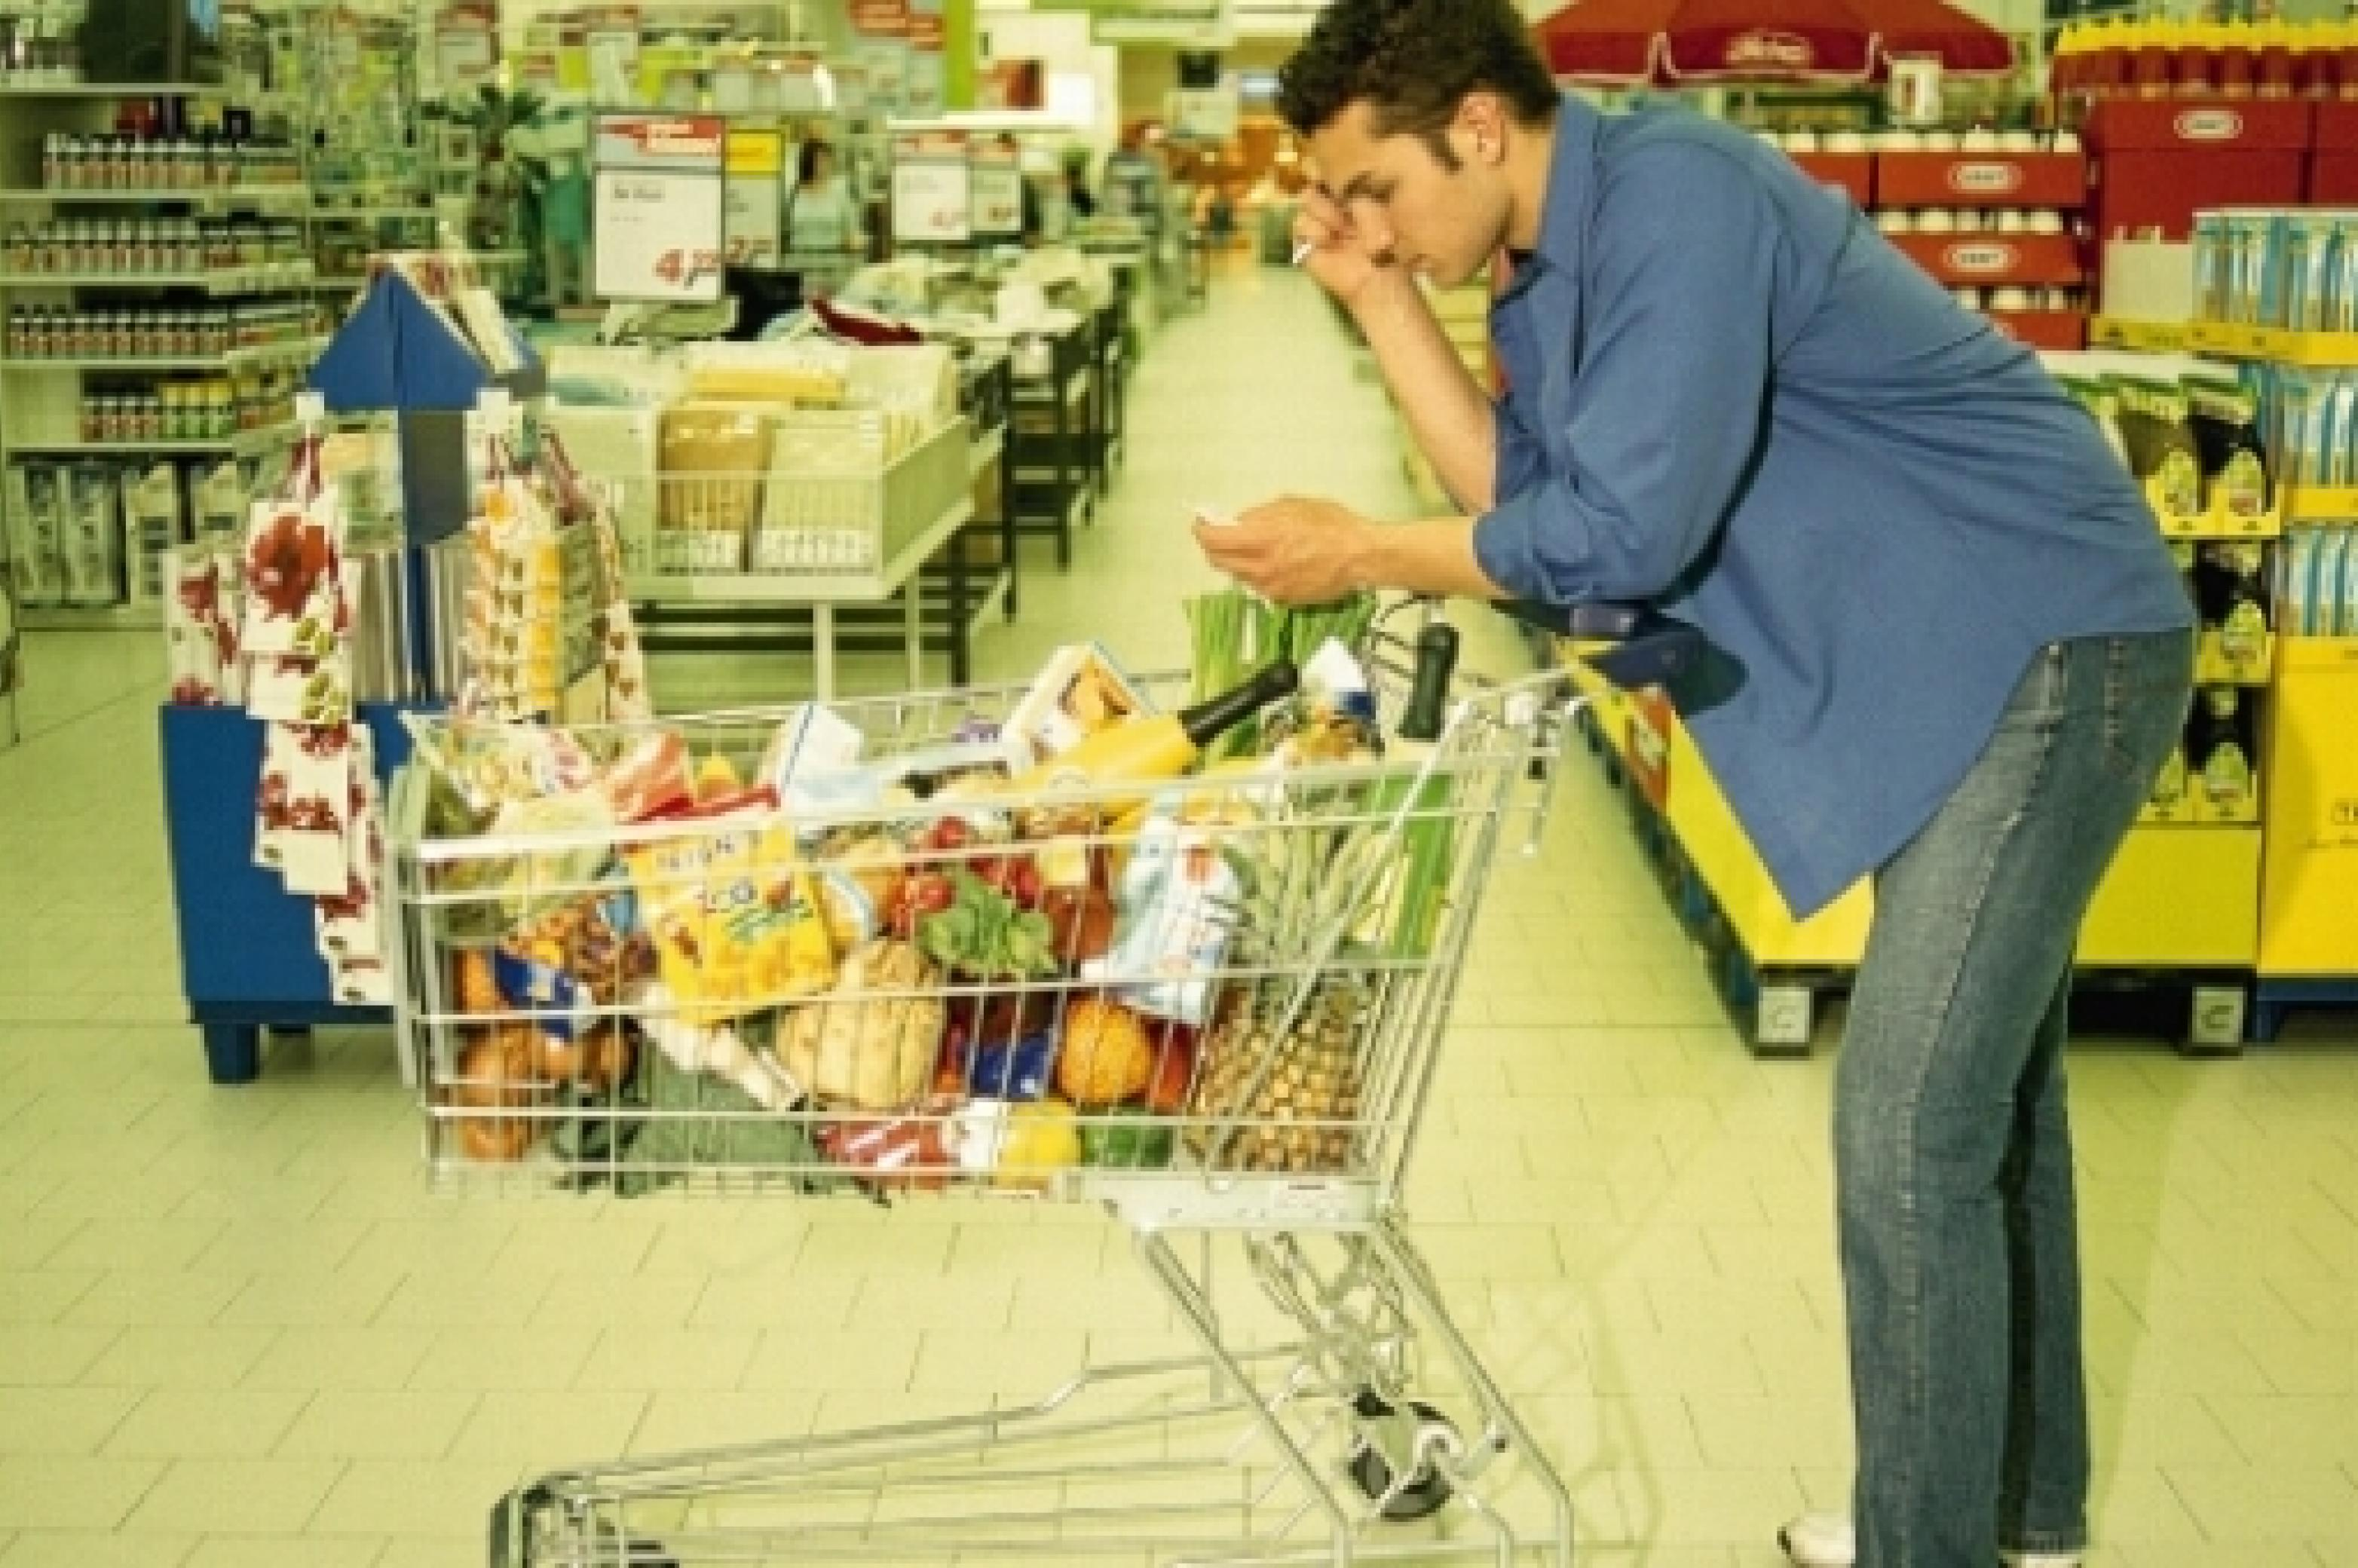 Mann mit Einkaufswagen beim Einkaufen